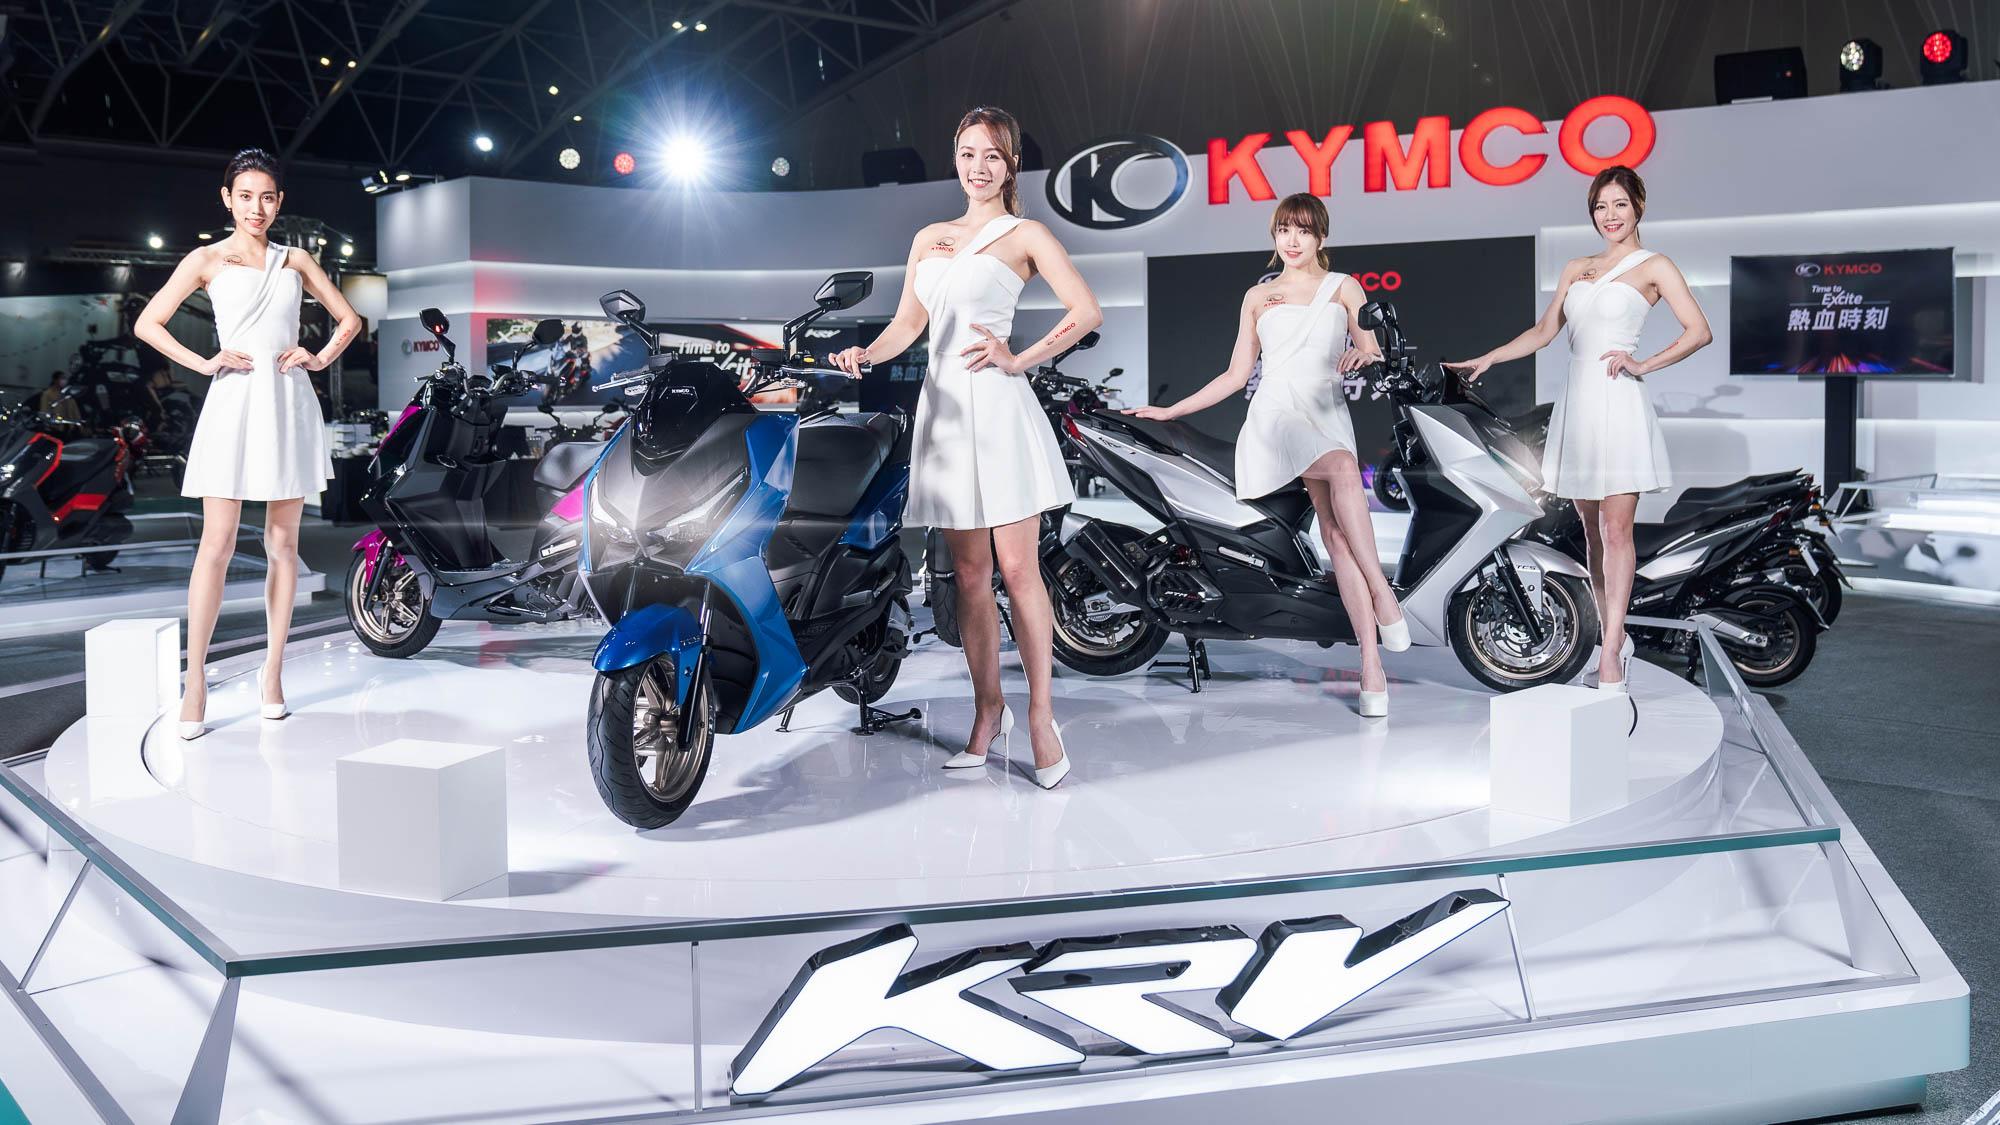 慶 Kymco 21 年連霸!新北五股國際摩托車展 KRV 與 DT X360 登場